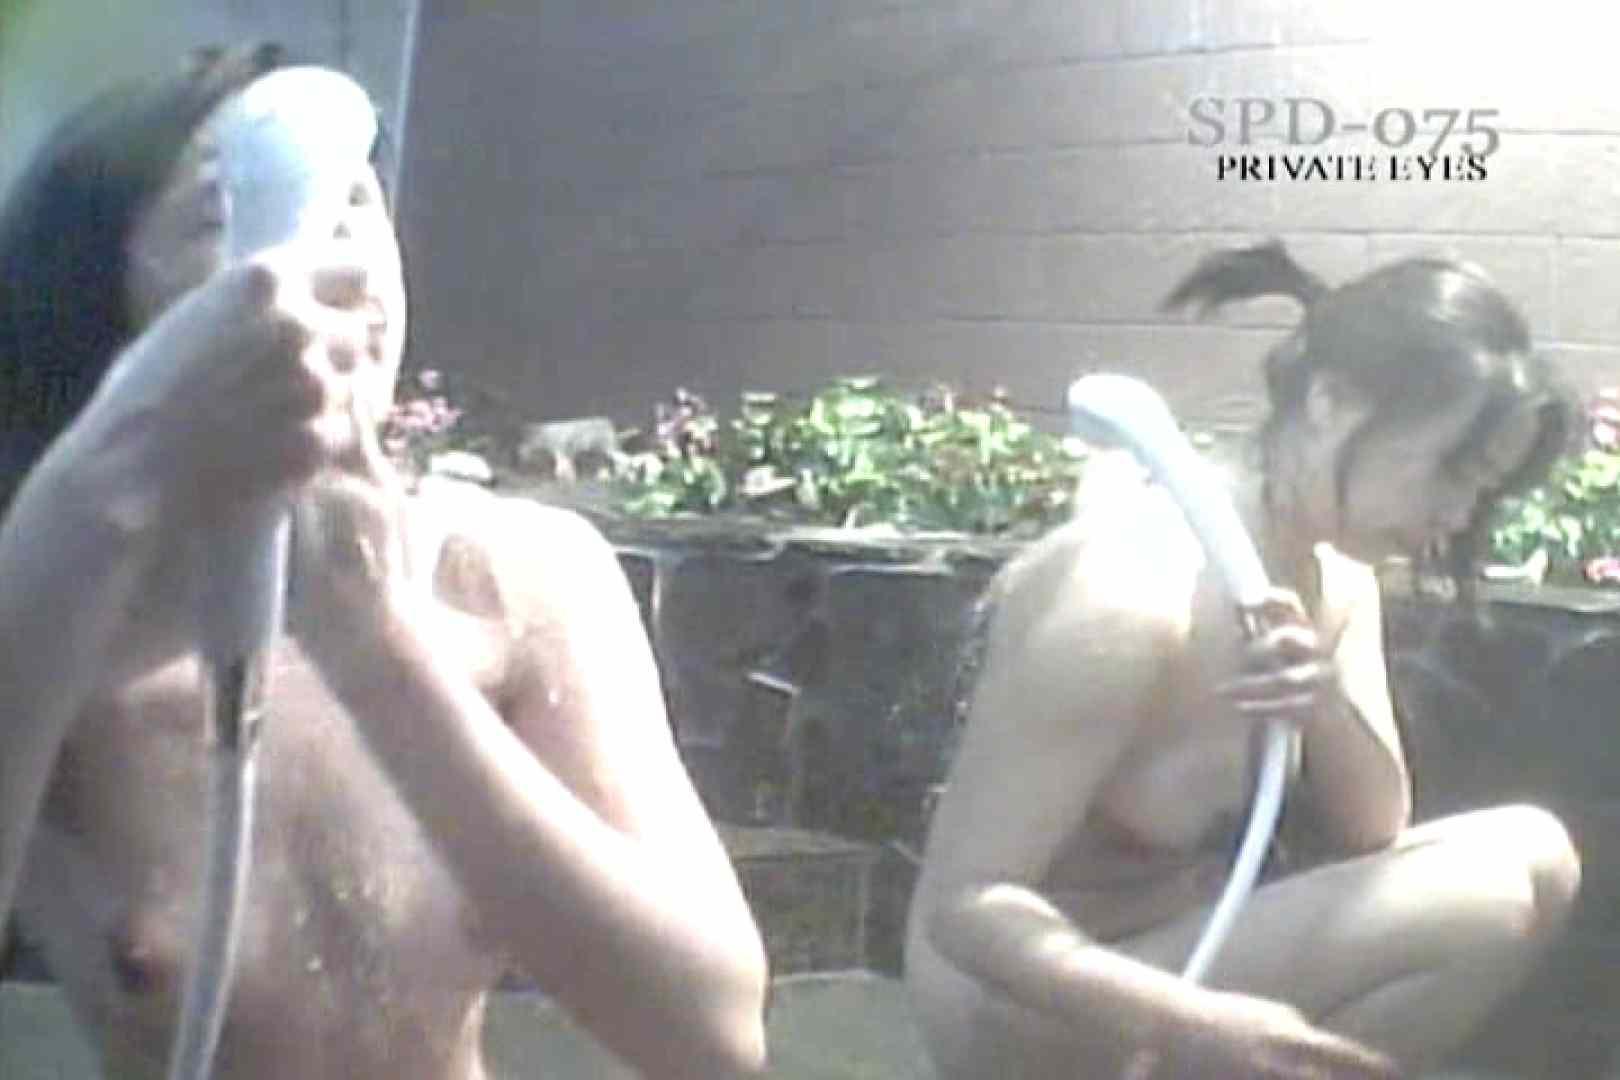 高画質版!SPD-075 脱衣所から洗面所まで 9カメ追跡盗撮 洗面所 すけべAV動画紹介 110枚 87